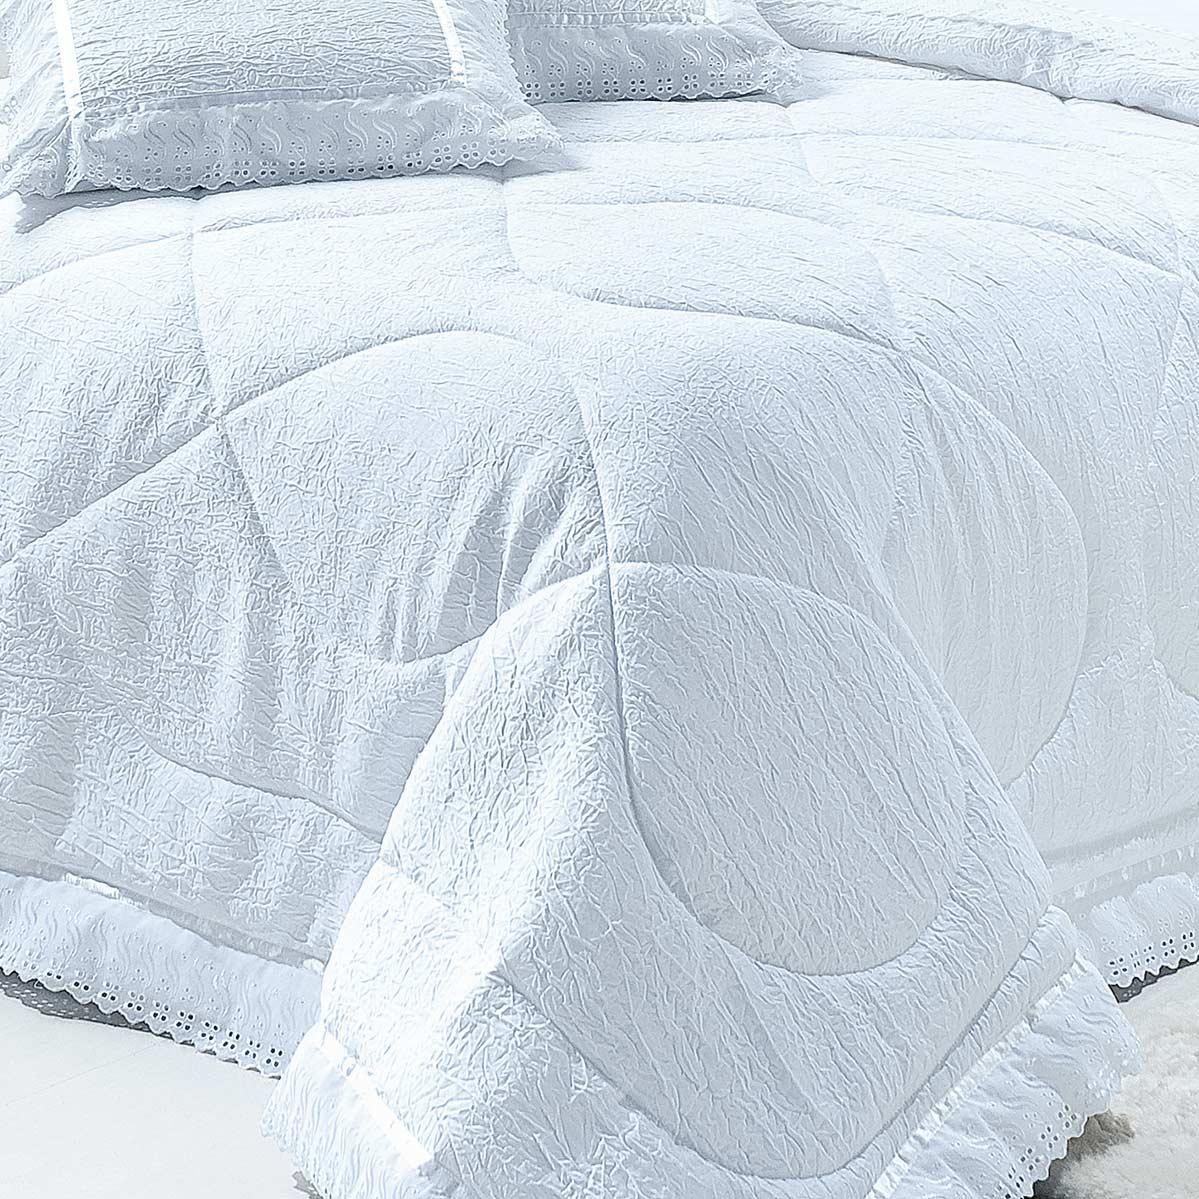 Colcha / Cobre Leito Cama King Size Branco em Cetim Amassado 100% Poliester com 7 peças - Cobre Leito Classic